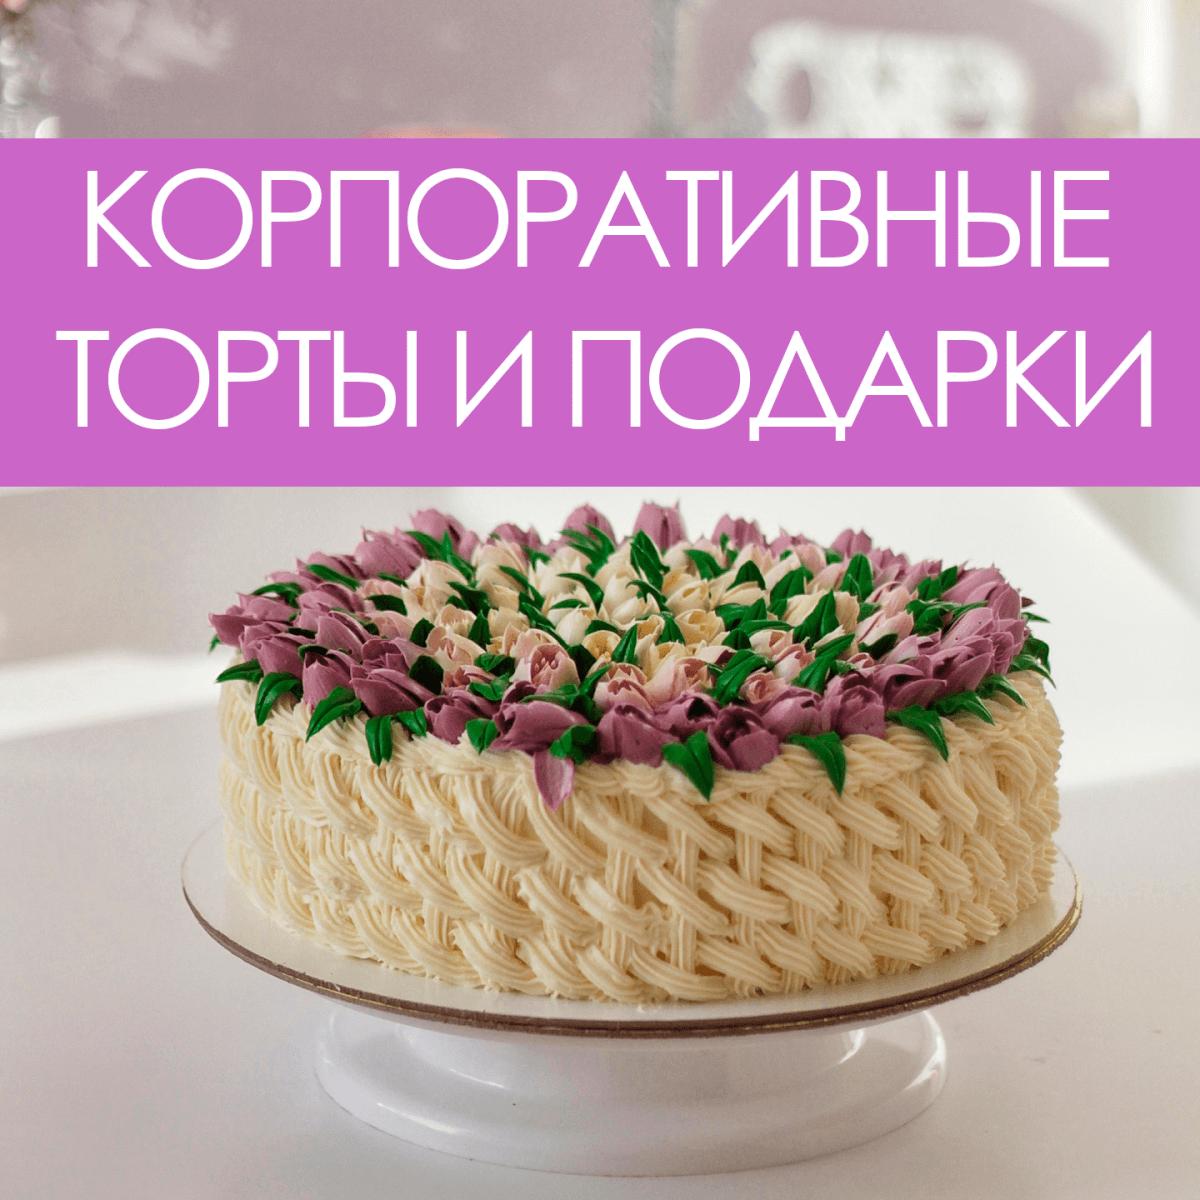 Корпоративные торты и подарки